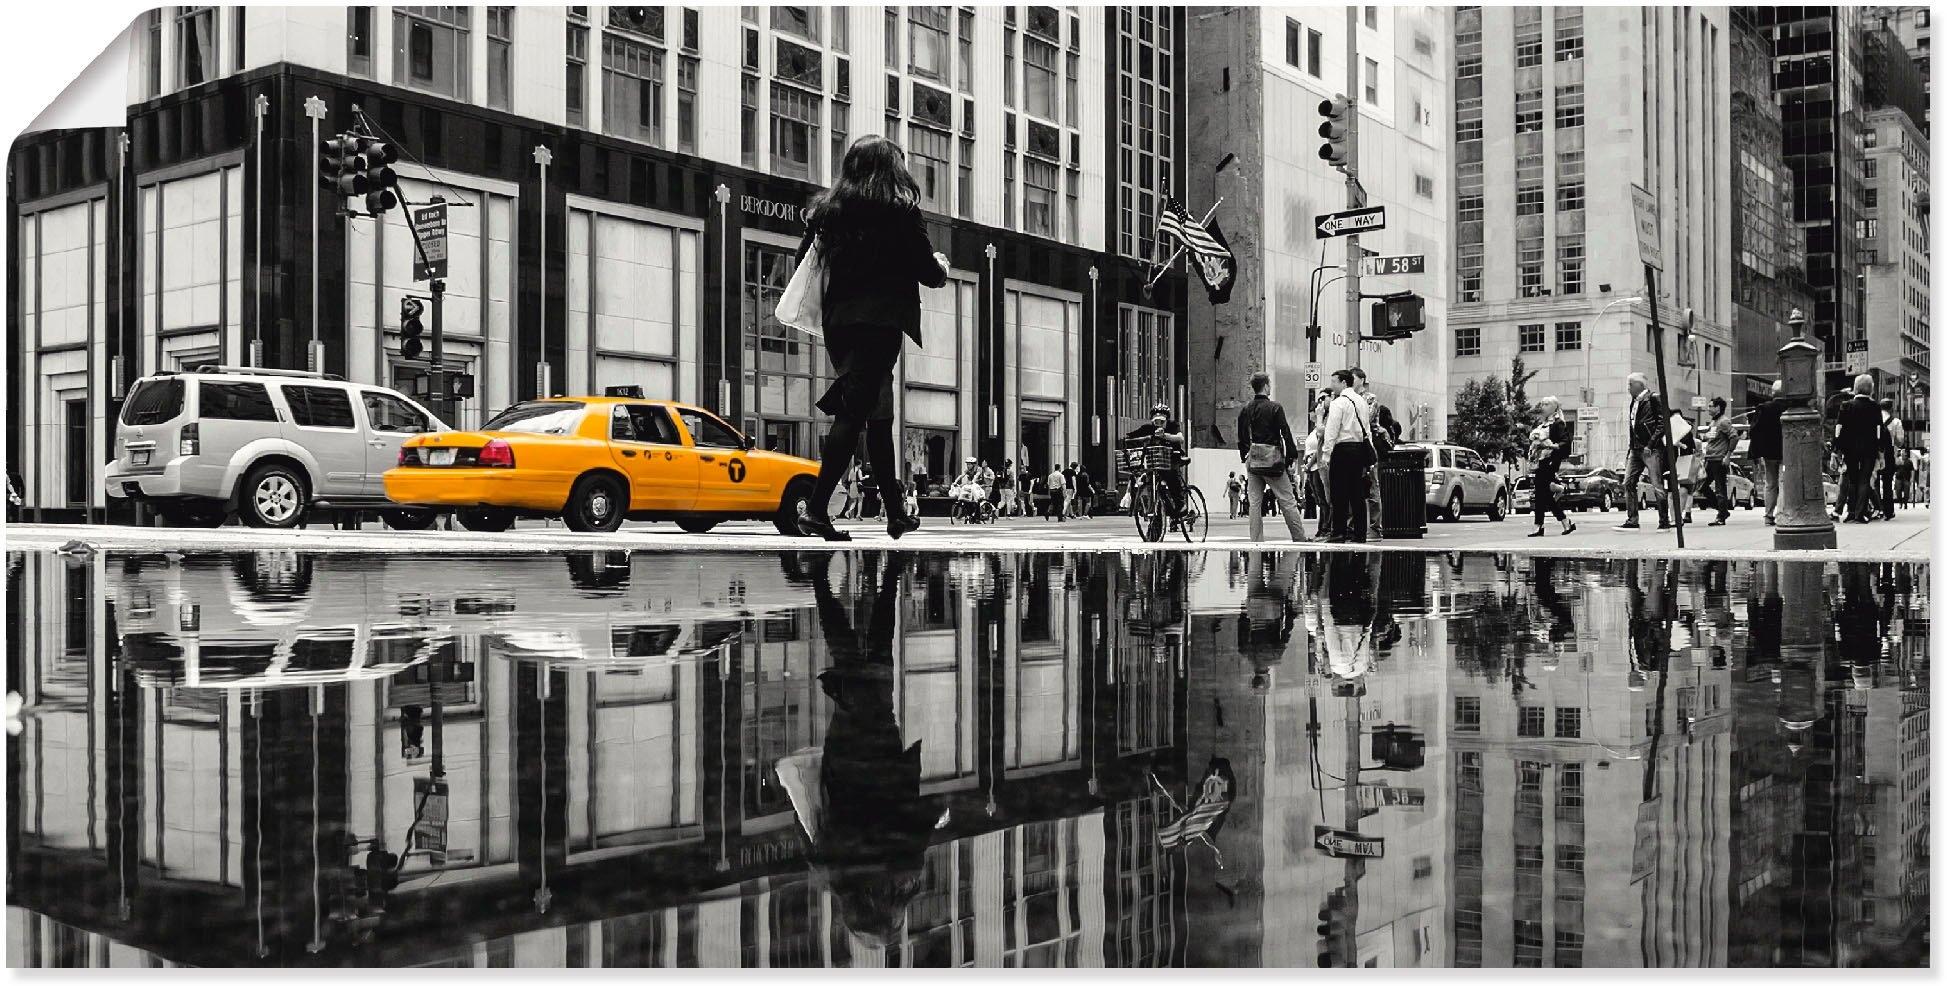 Artland artprint New Yorkse straat in vele afmetingen & productsoorten -artprint op linnen, poster, muursticker / wandfolie ook geschikt voor de badkamer (1 stuk) online kopen op otto.nl